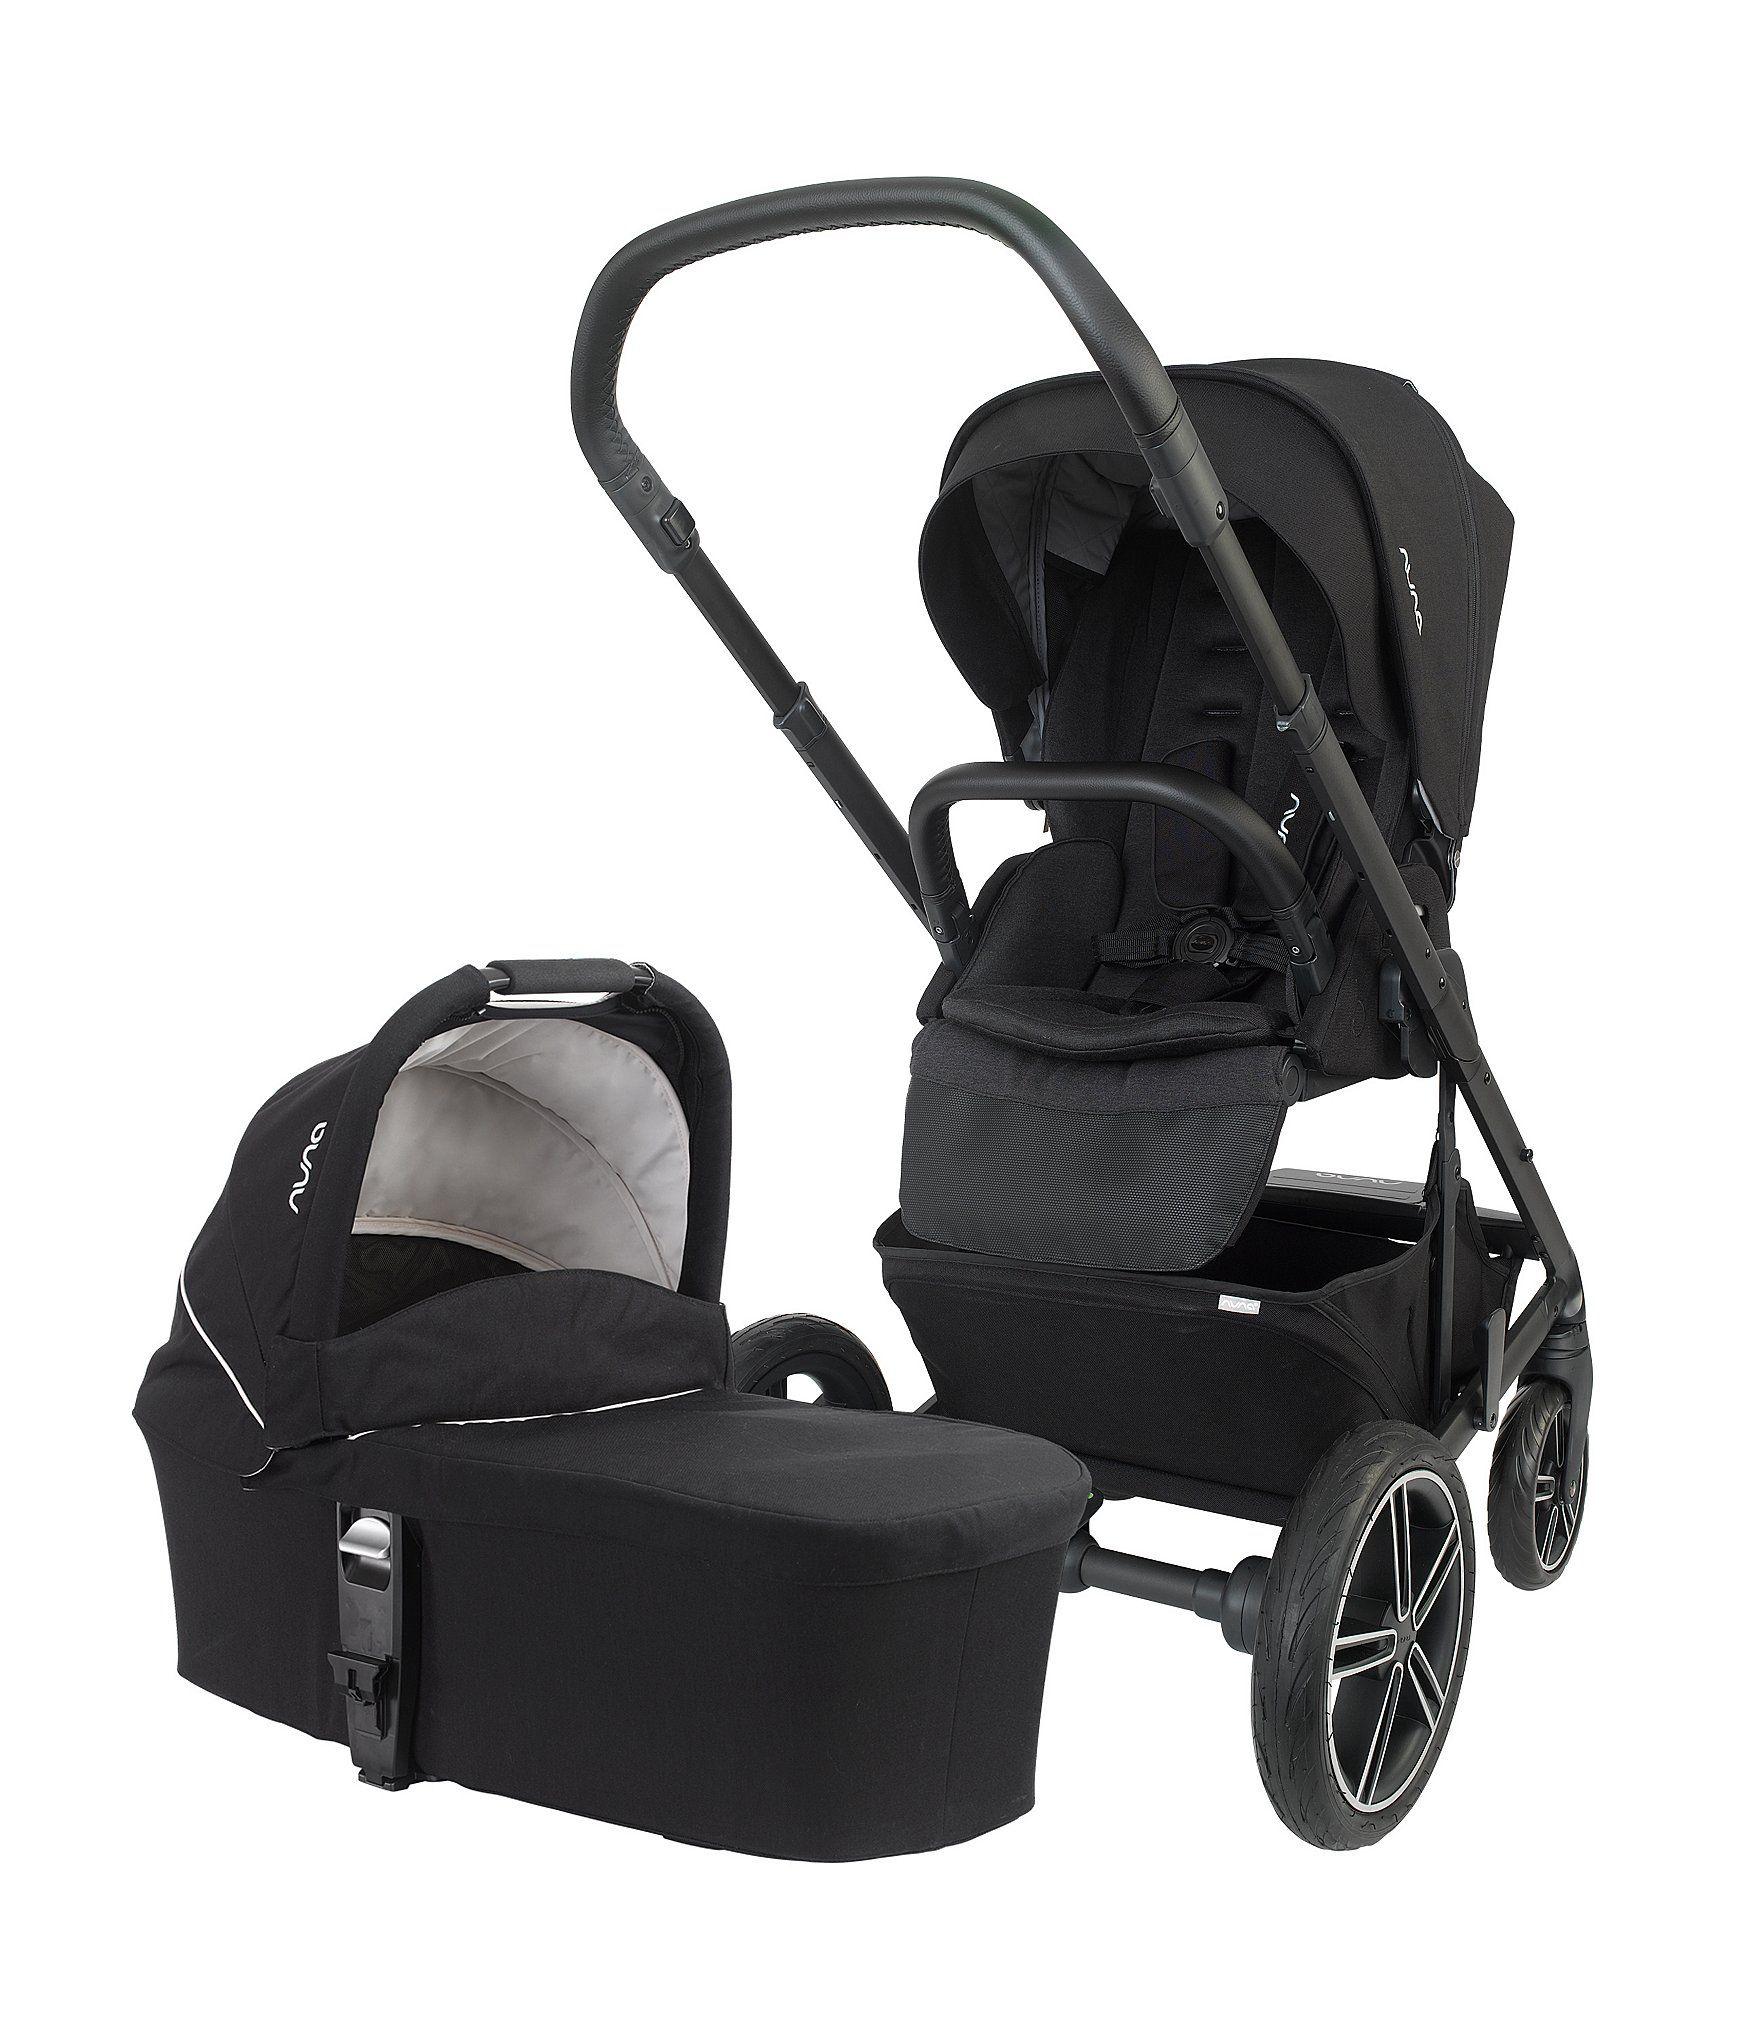 Nuna Mixx2 Stroller and Set Dillard's in 2020